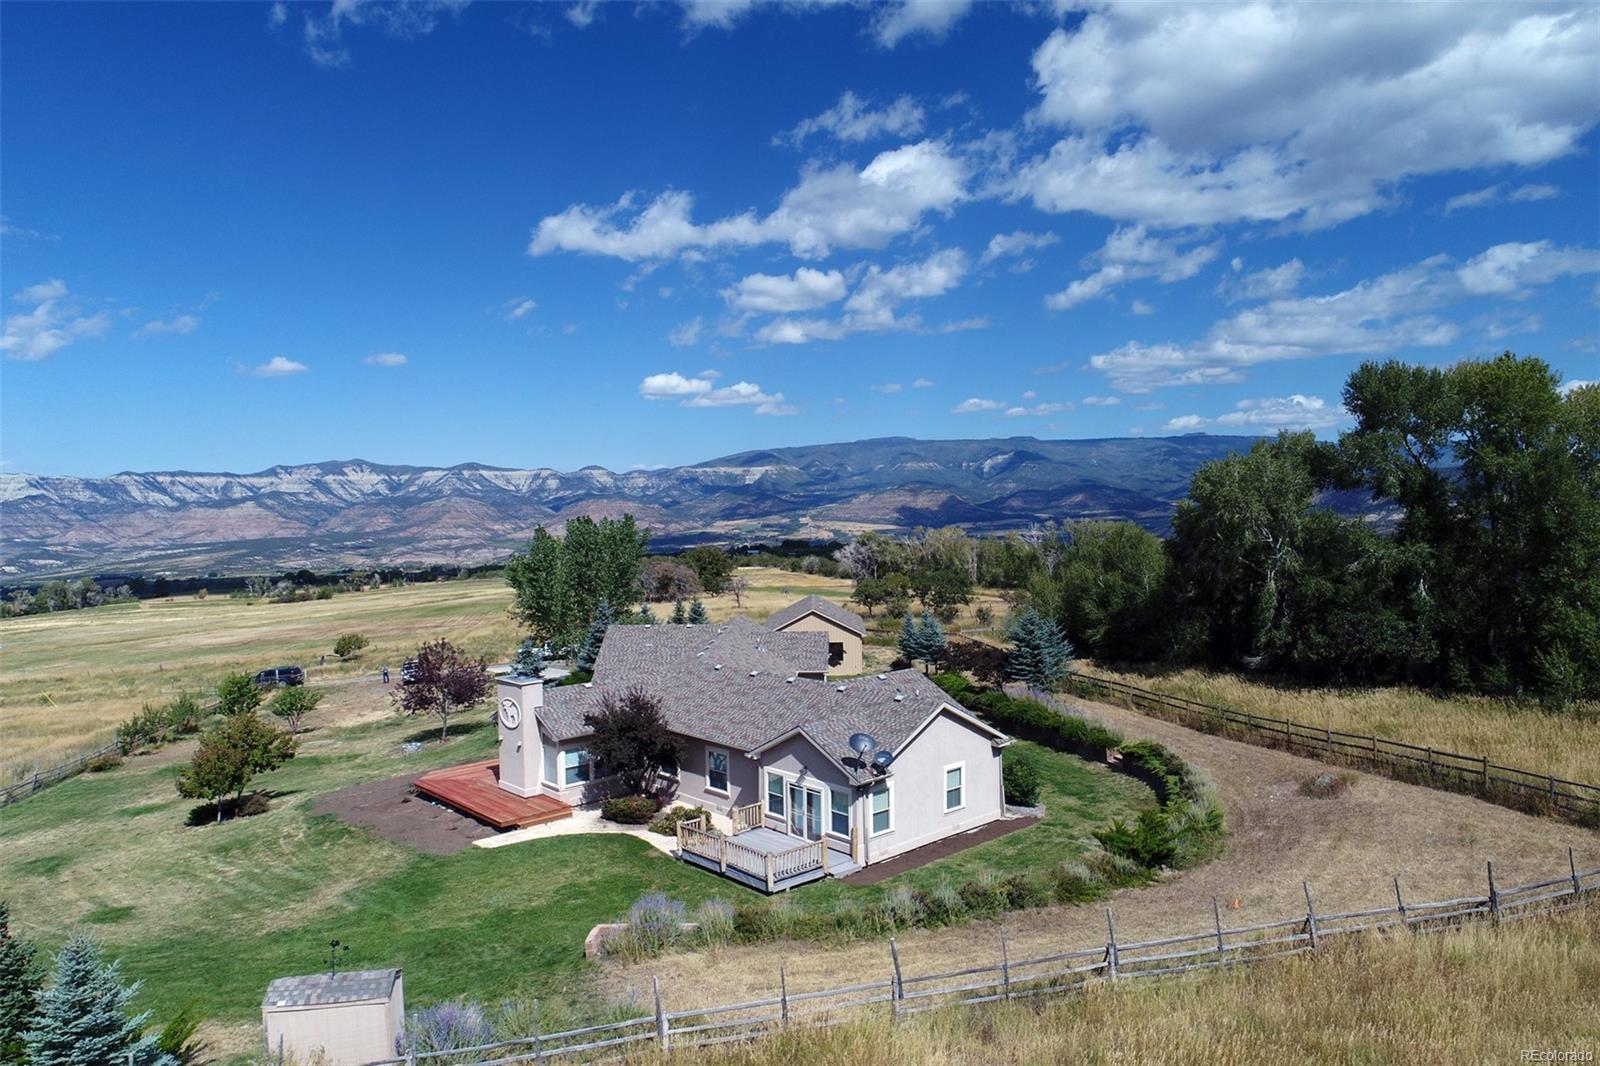 12228 58 Road, Molina, CO 81646 - Molina, CO real estate listing